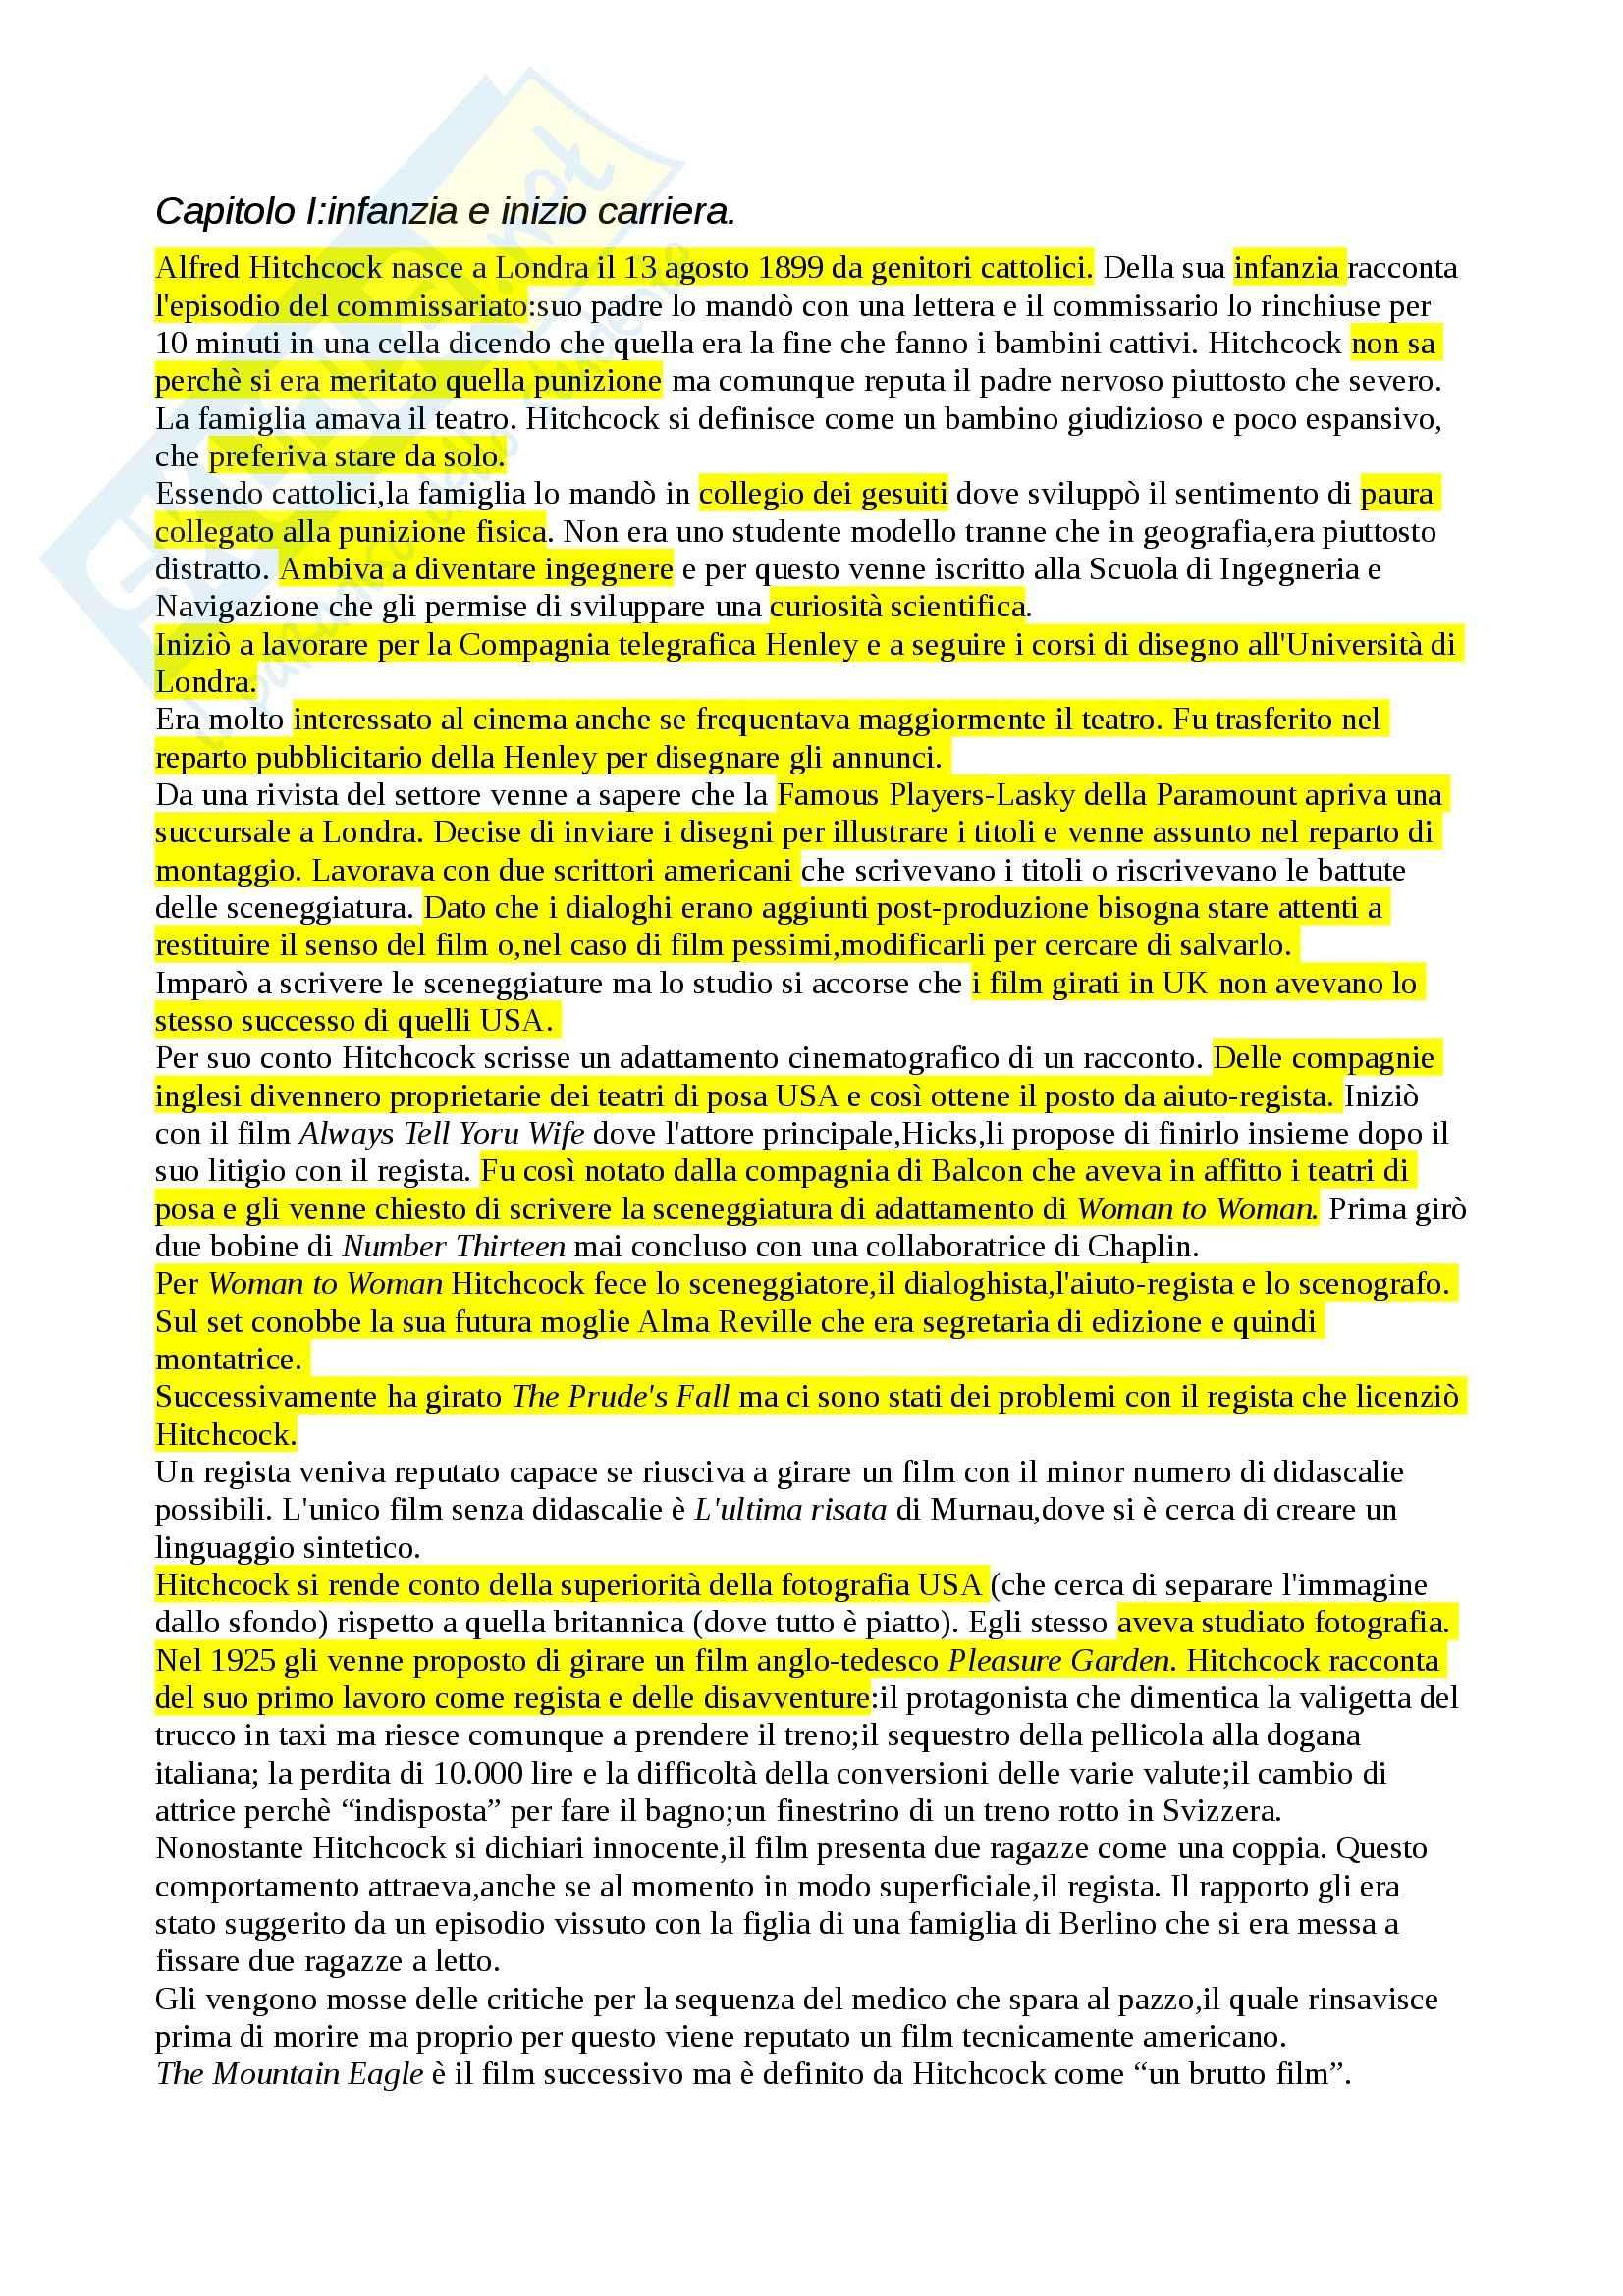 Riassunto esame Teoria e analisi del linguaggio cinematografico,, prof. Dagrada, libro consigliato Il cinema secondo Hitchcock, Truffaut